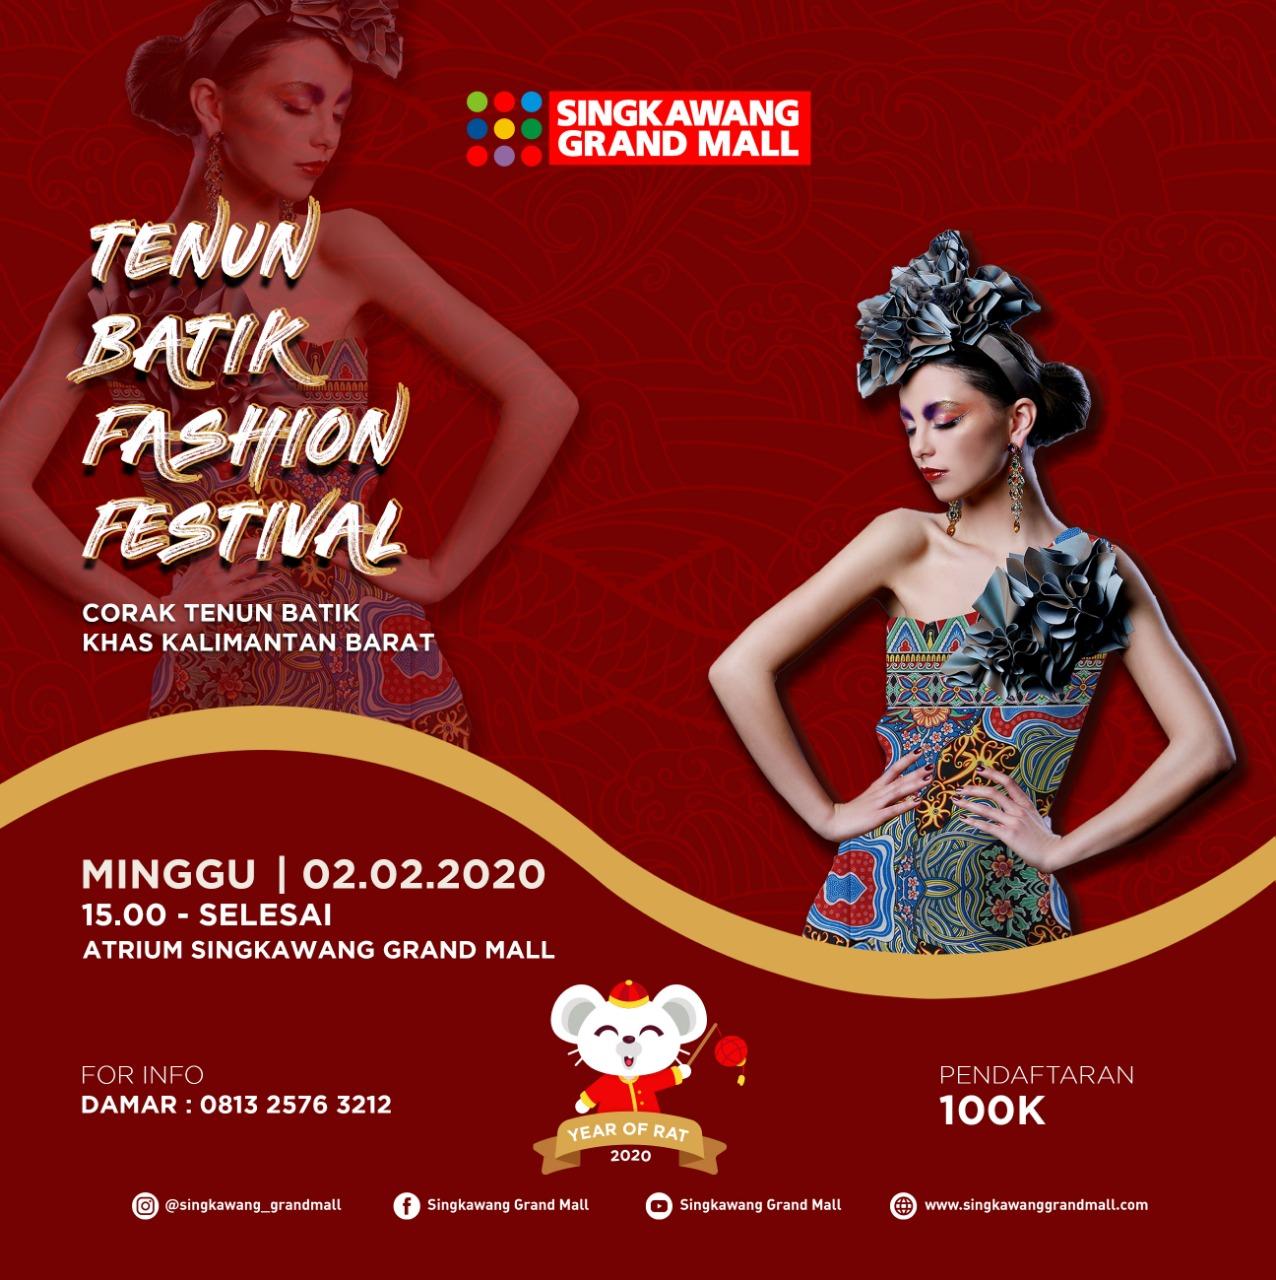 Tenun Batik Fashion Festival